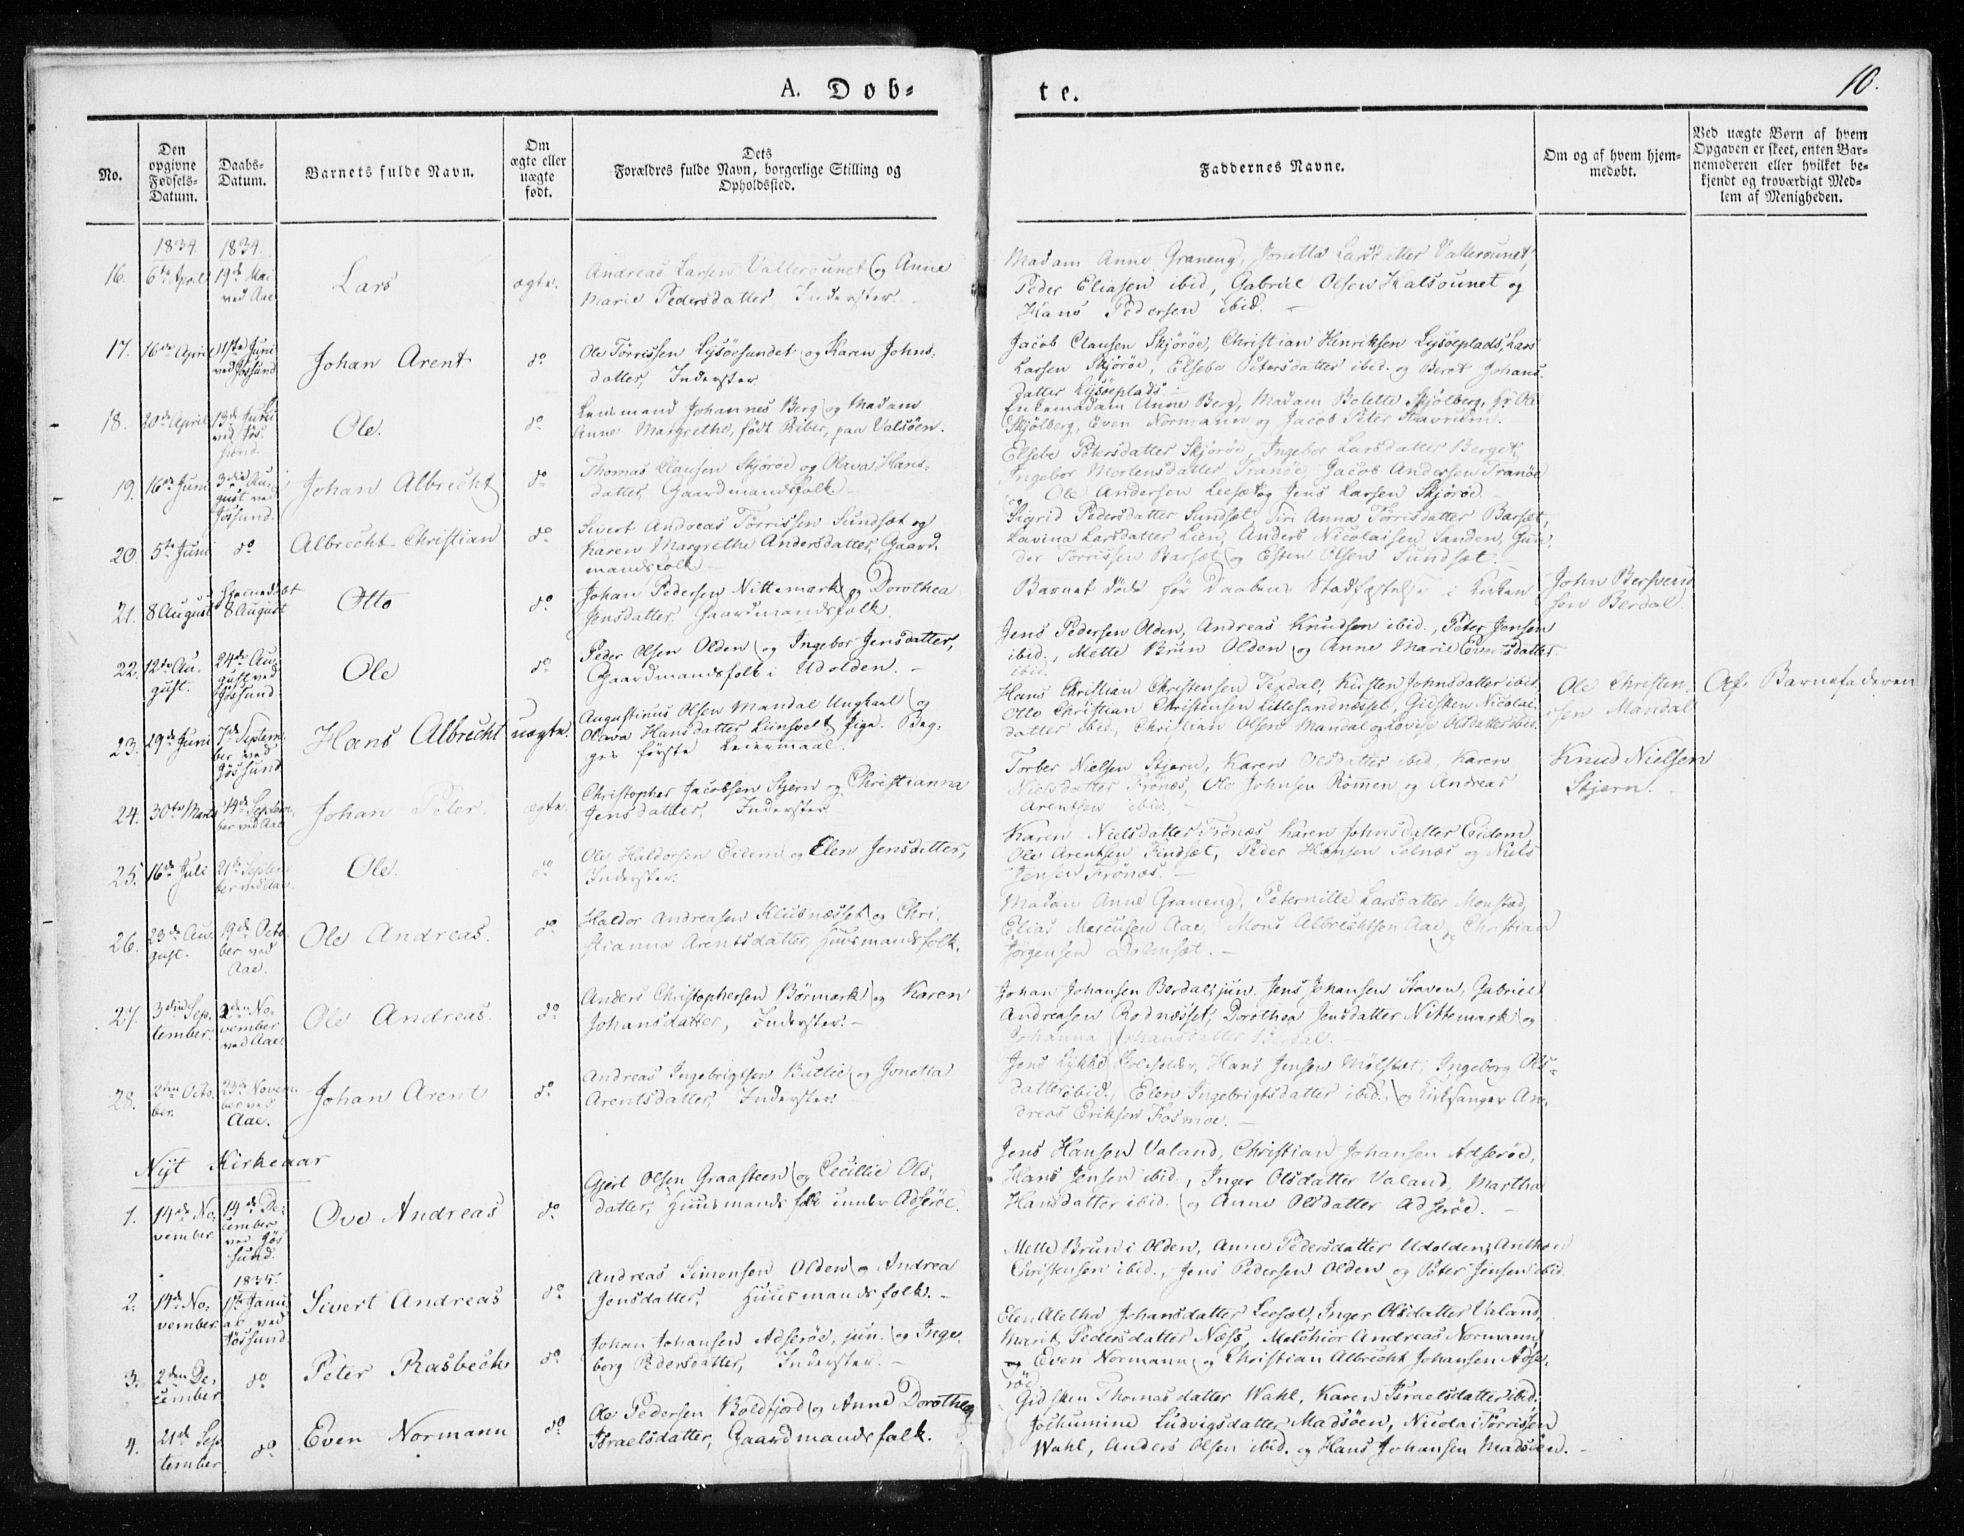 SAT, Ministerialprotokoller, klokkerbøker og fødselsregistre - Sør-Trøndelag, 655/L0676: Ministerialbok nr. 655A05, 1830-1847, s. 10